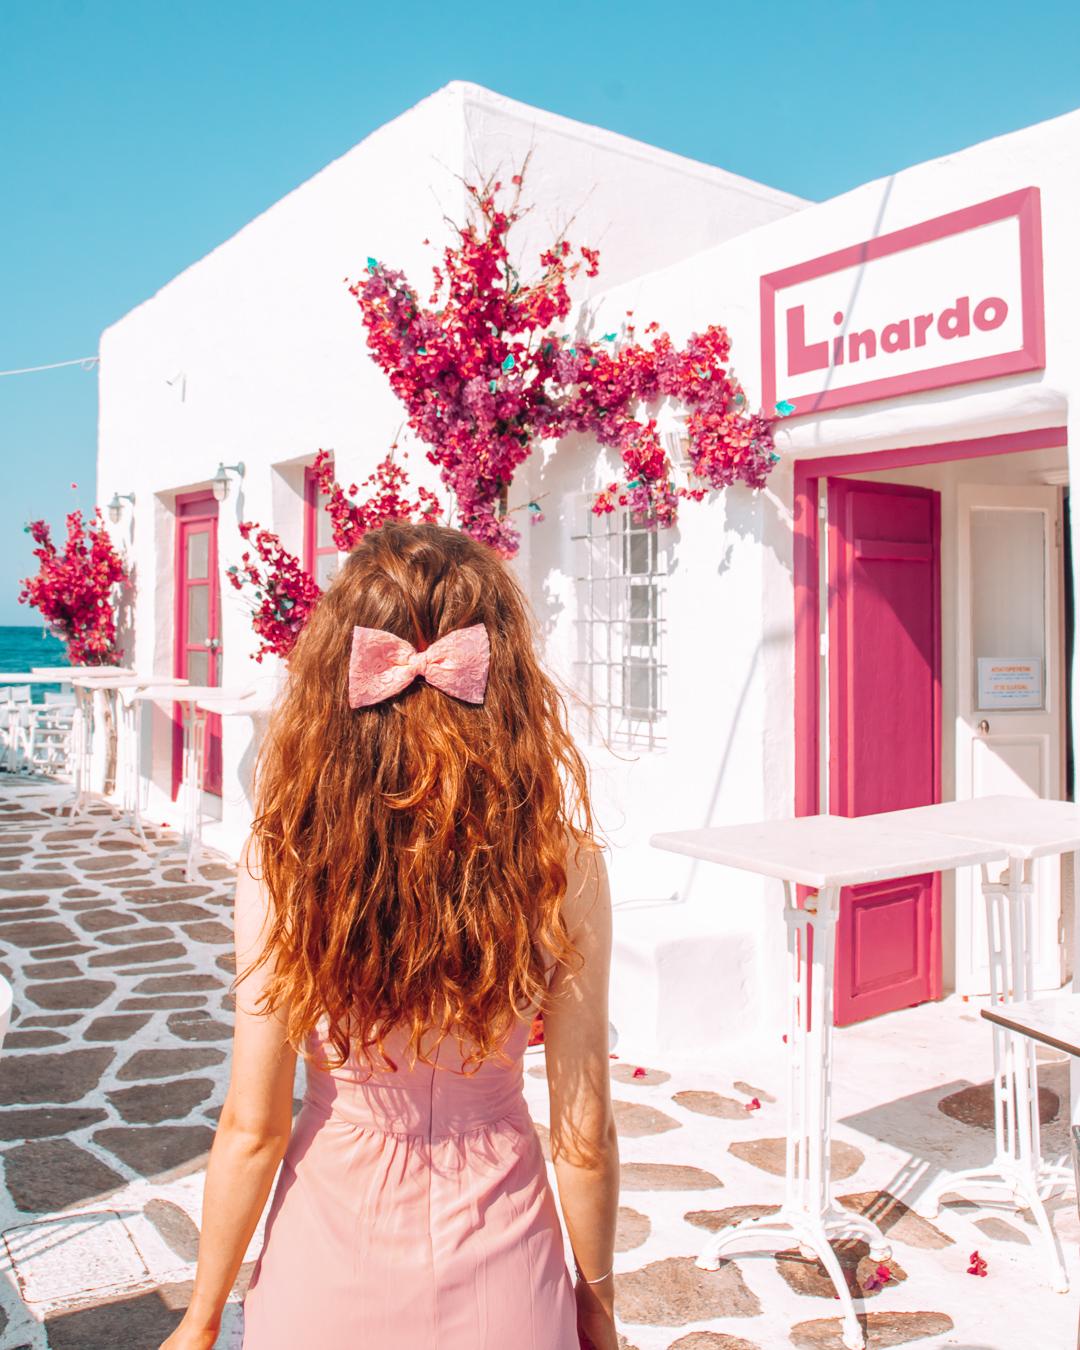 Linardo with a sea view